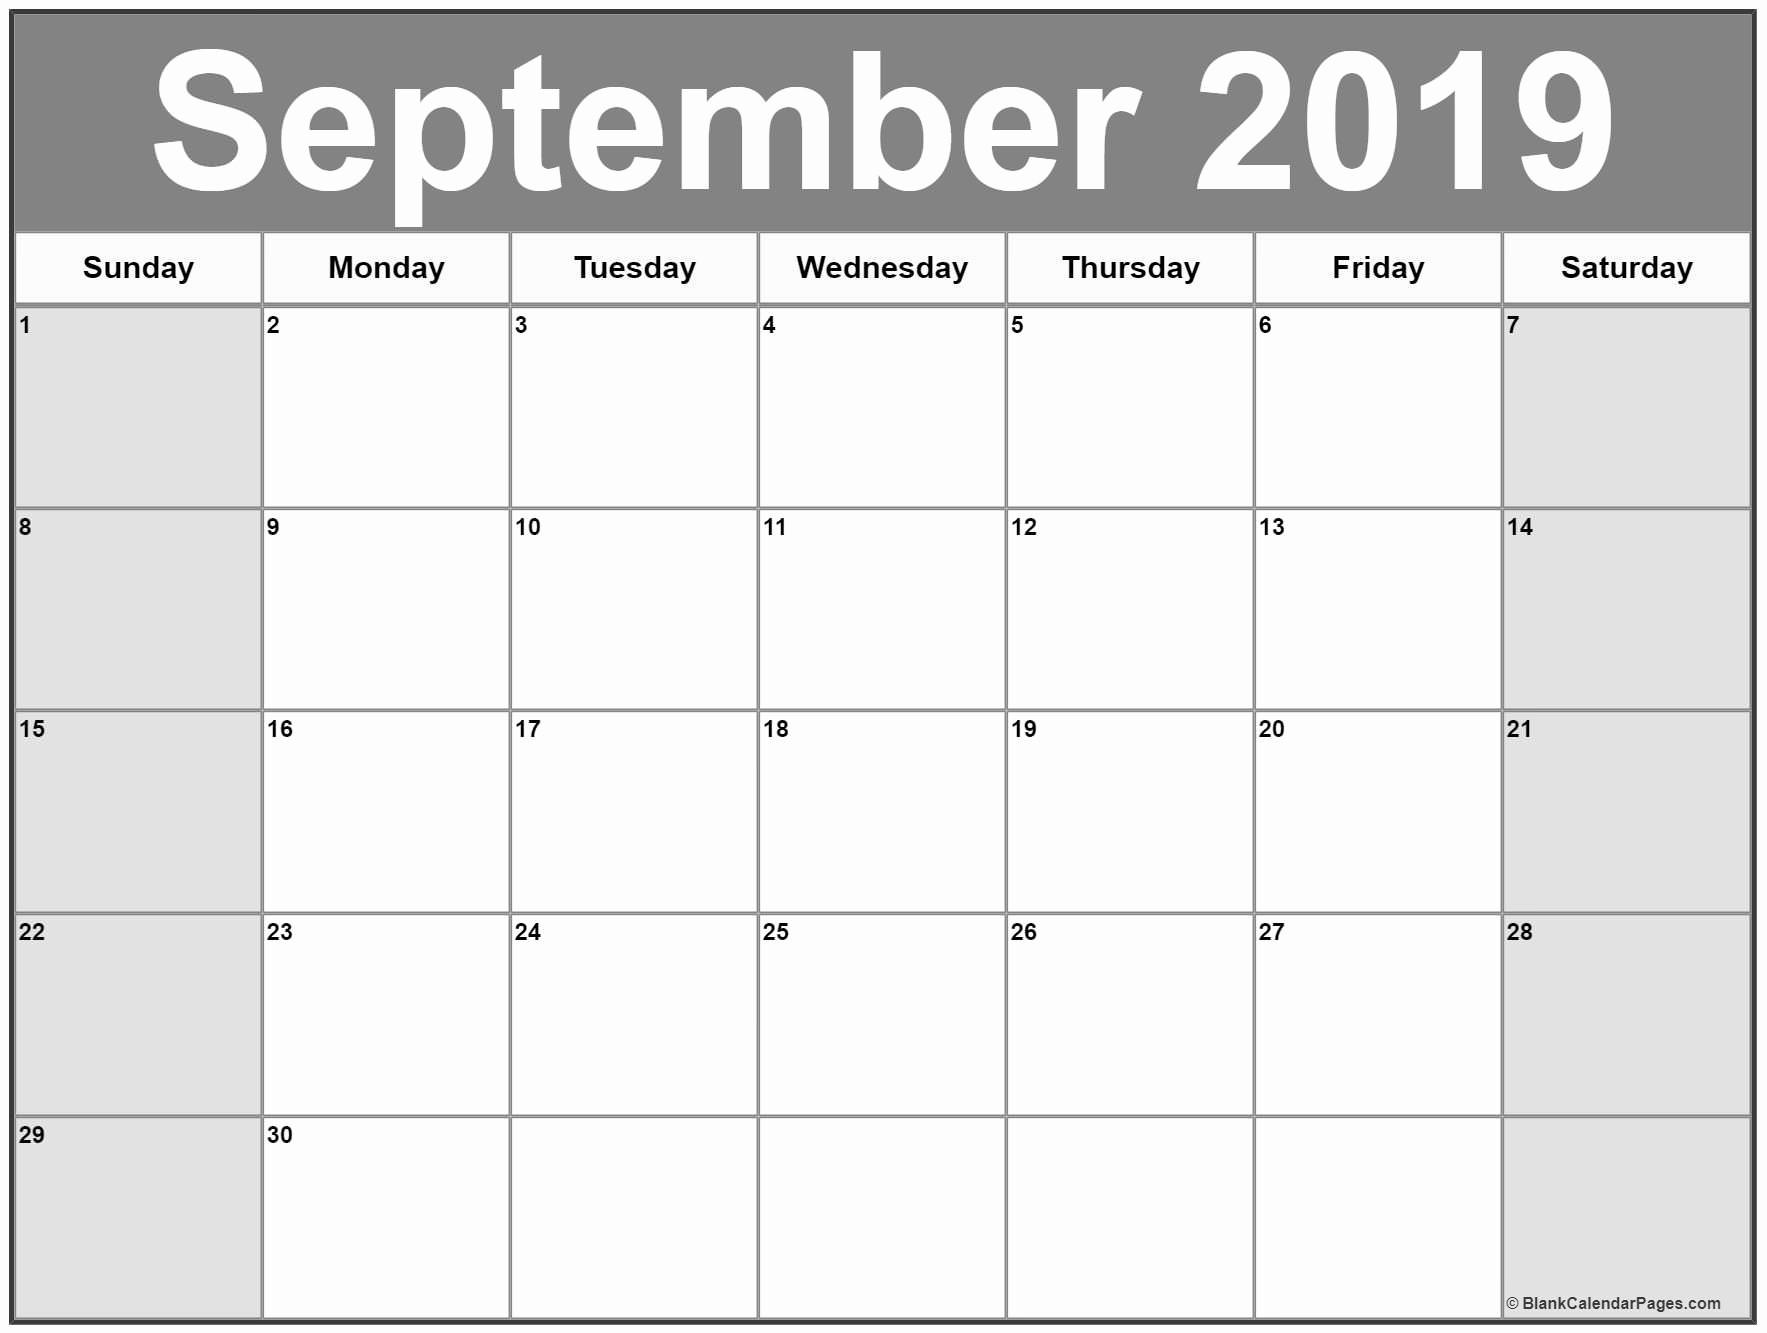 Free Monthly Calendar Template 2019 Unique September 2019 Calendar